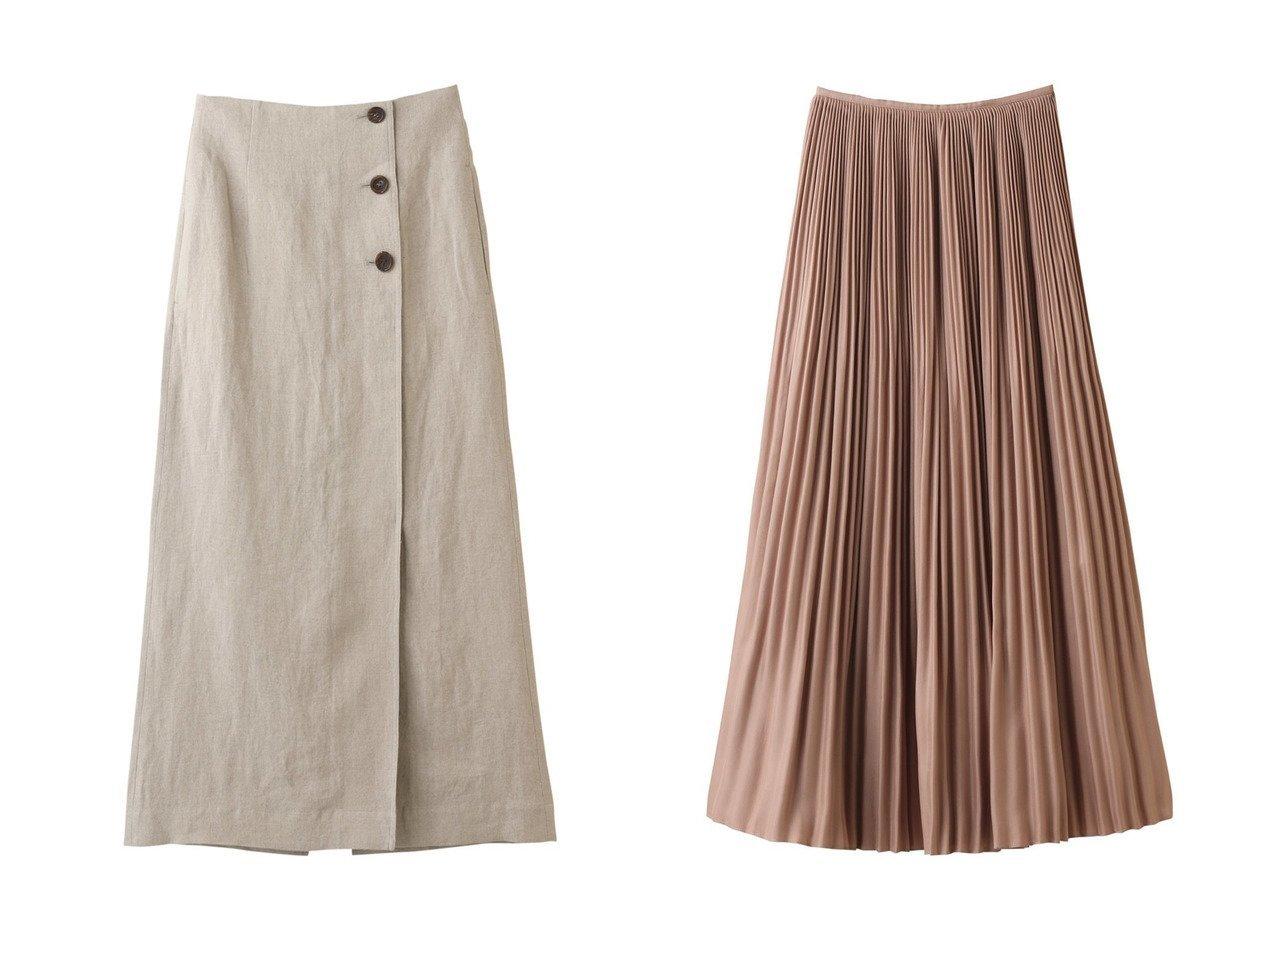 【martinique/マルティニーク】の【l heritage martinique】プリーツスカート&ラップ風ロングスカート 【スカート】おすすめ!人気、トレンド・レディースファッションの通販 おすすめで人気の流行・トレンド、ファッションの通販商品 インテリア・家具・メンズファッション・キッズファッション・レディースファッション・服の通販 founy(ファニー) https://founy.com/ ファッション Fashion レディースファッション WOMEN スカート Skirt ロングスカート Long Skirt プリーツスカート Pleated Skirts S/S・春夏 SS・Spring/Summer ラップ リネン ロング 夏 Summer 春 Spring シンプル プリーツ |ID:crp329100000047524